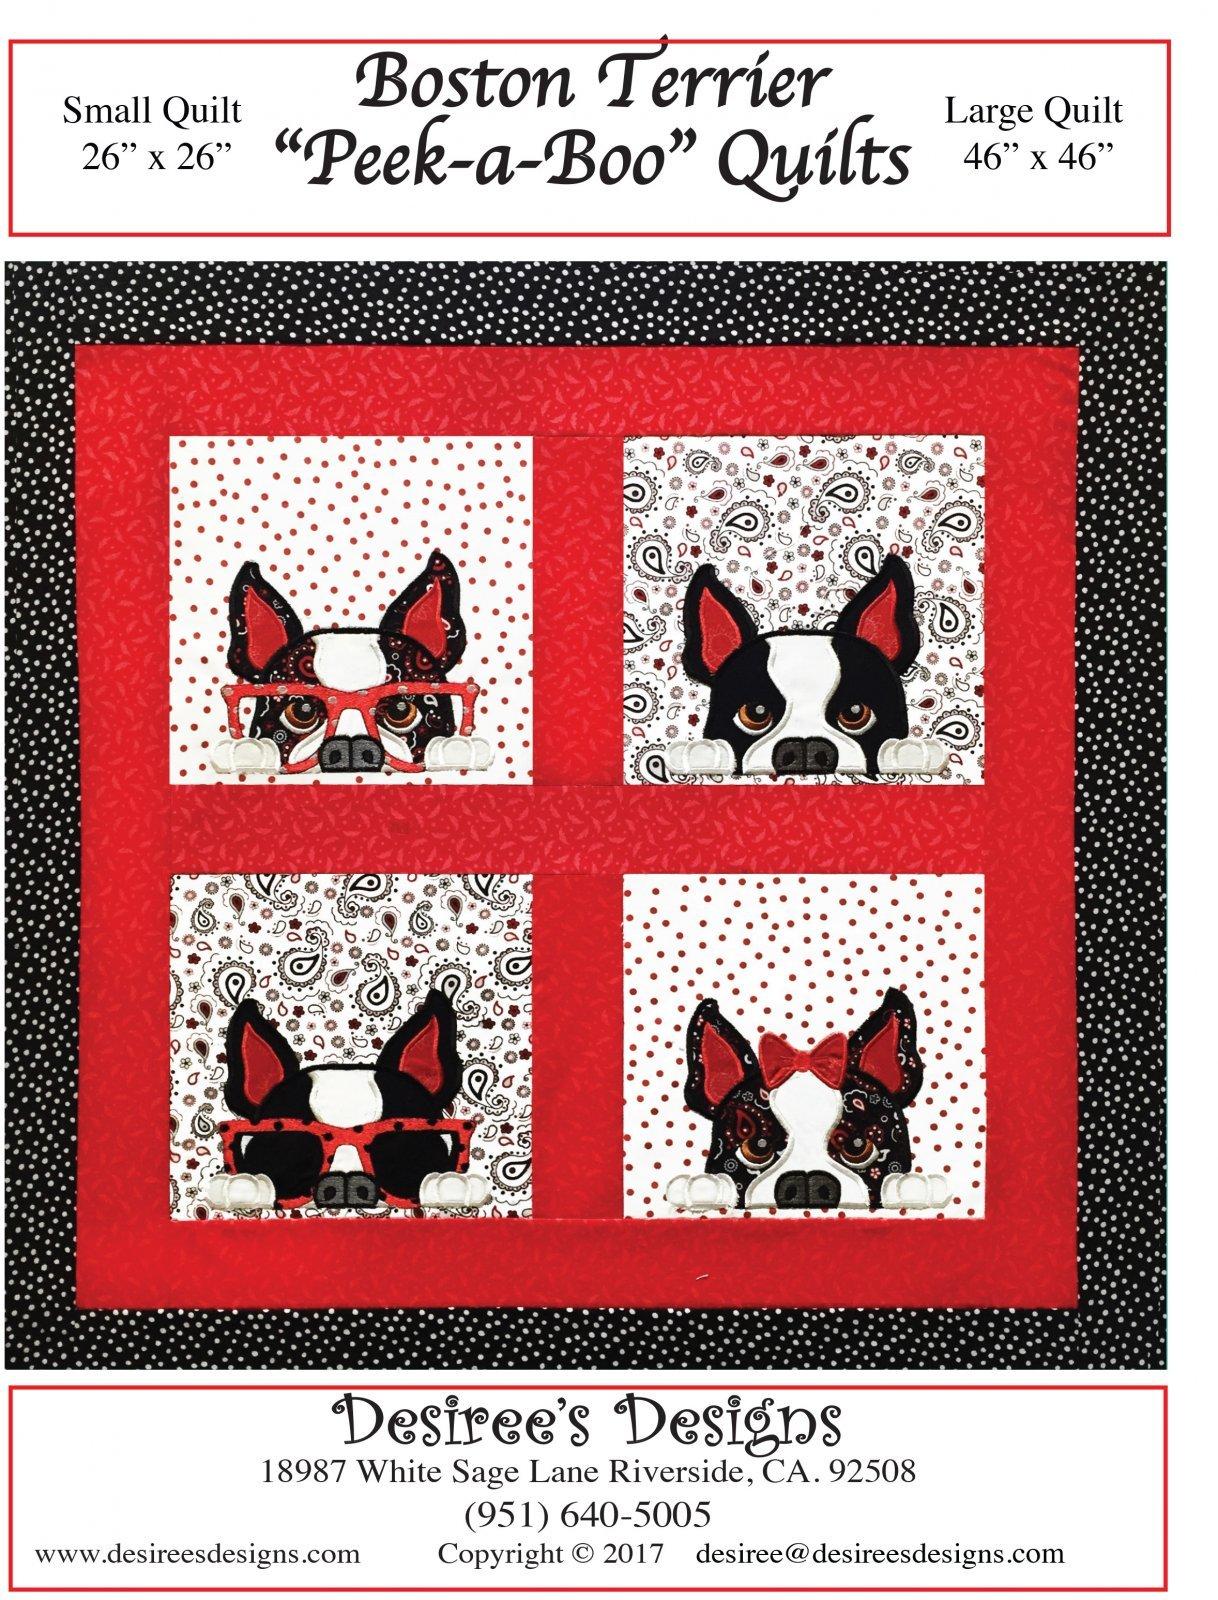 Boston Terrier Peek-a-Boo Quilts Pattern